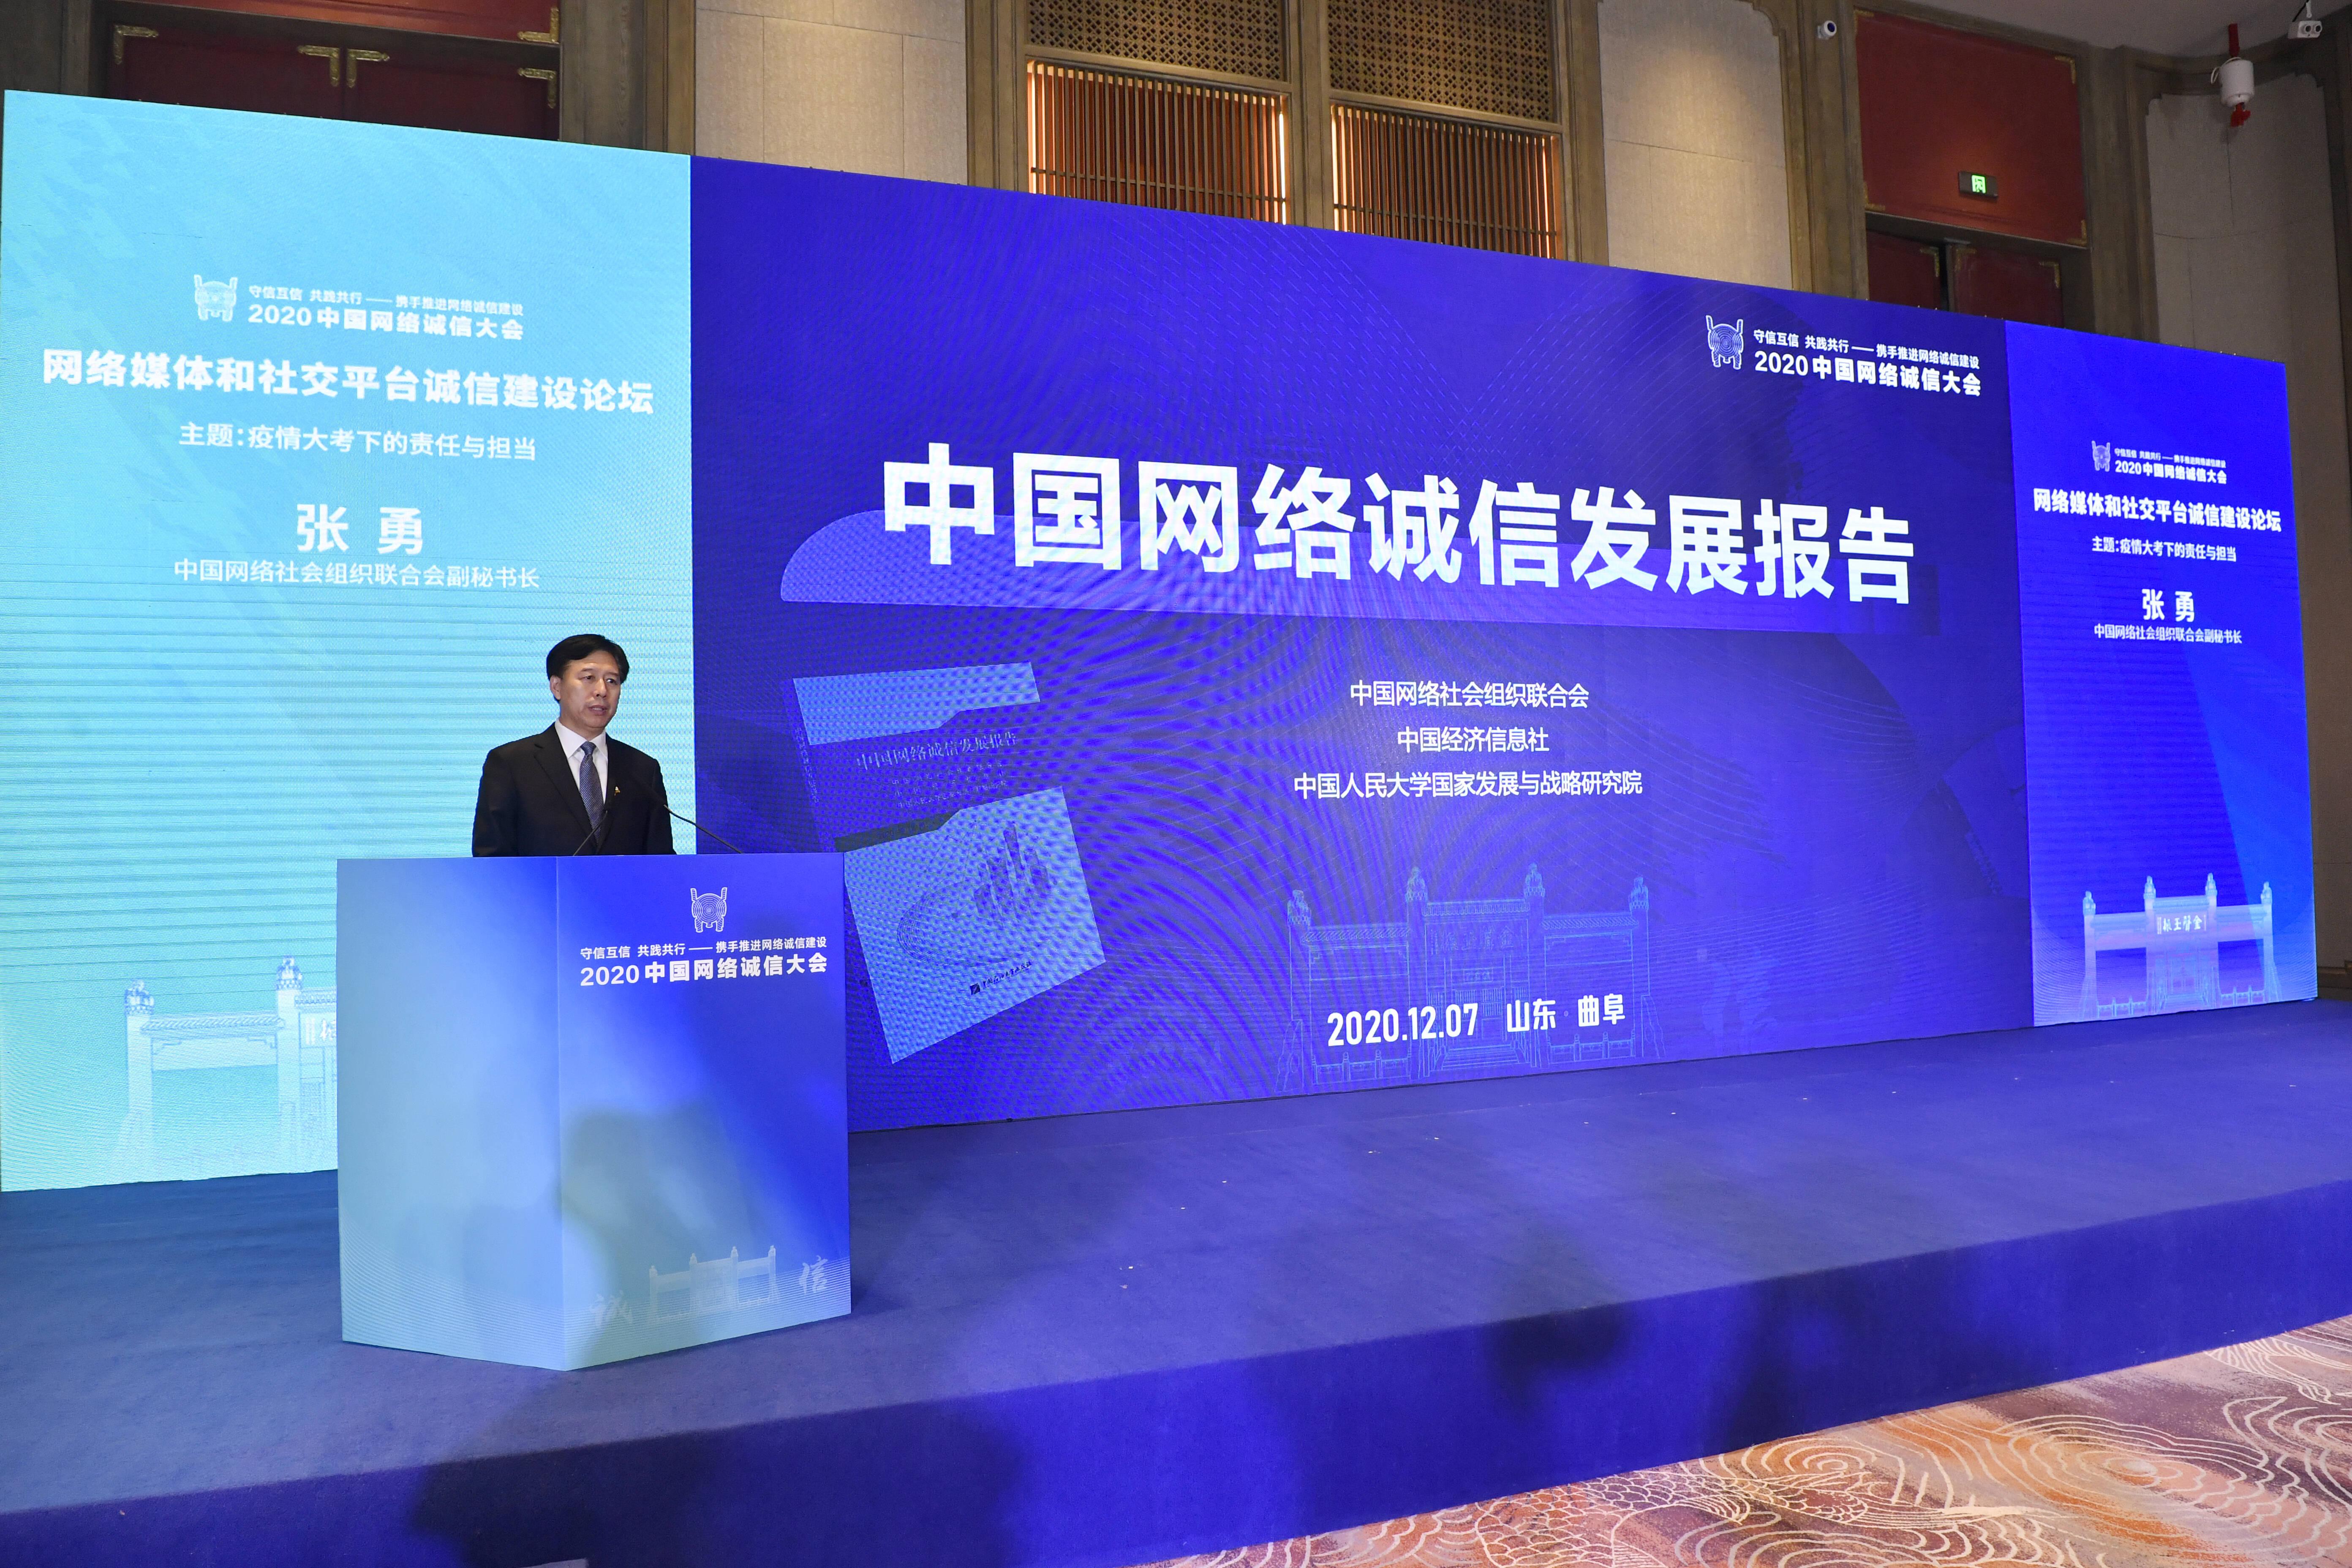 《中国网络诚信发展报告》首次发布 73.7%用户网购非常在乎商家信誉